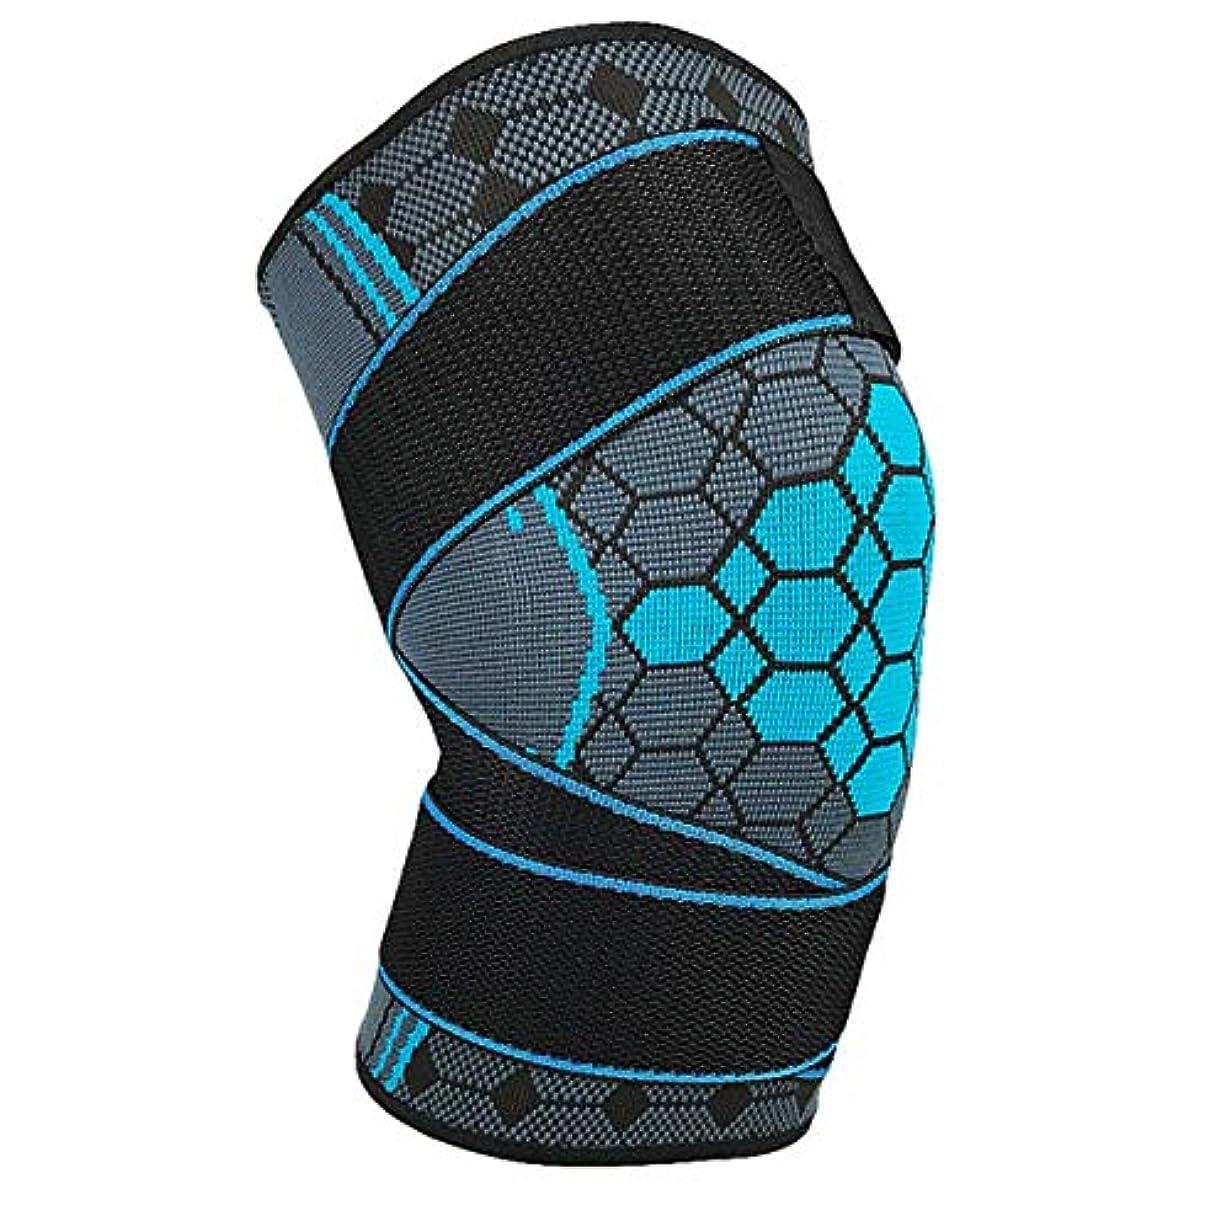 誇大妄想そうでなければハブブ快適な膝パッドヨガスポーツ保護パッドバレーボール落下膝サポート安全膝パッド耐久性膝ブレース-ブルーL